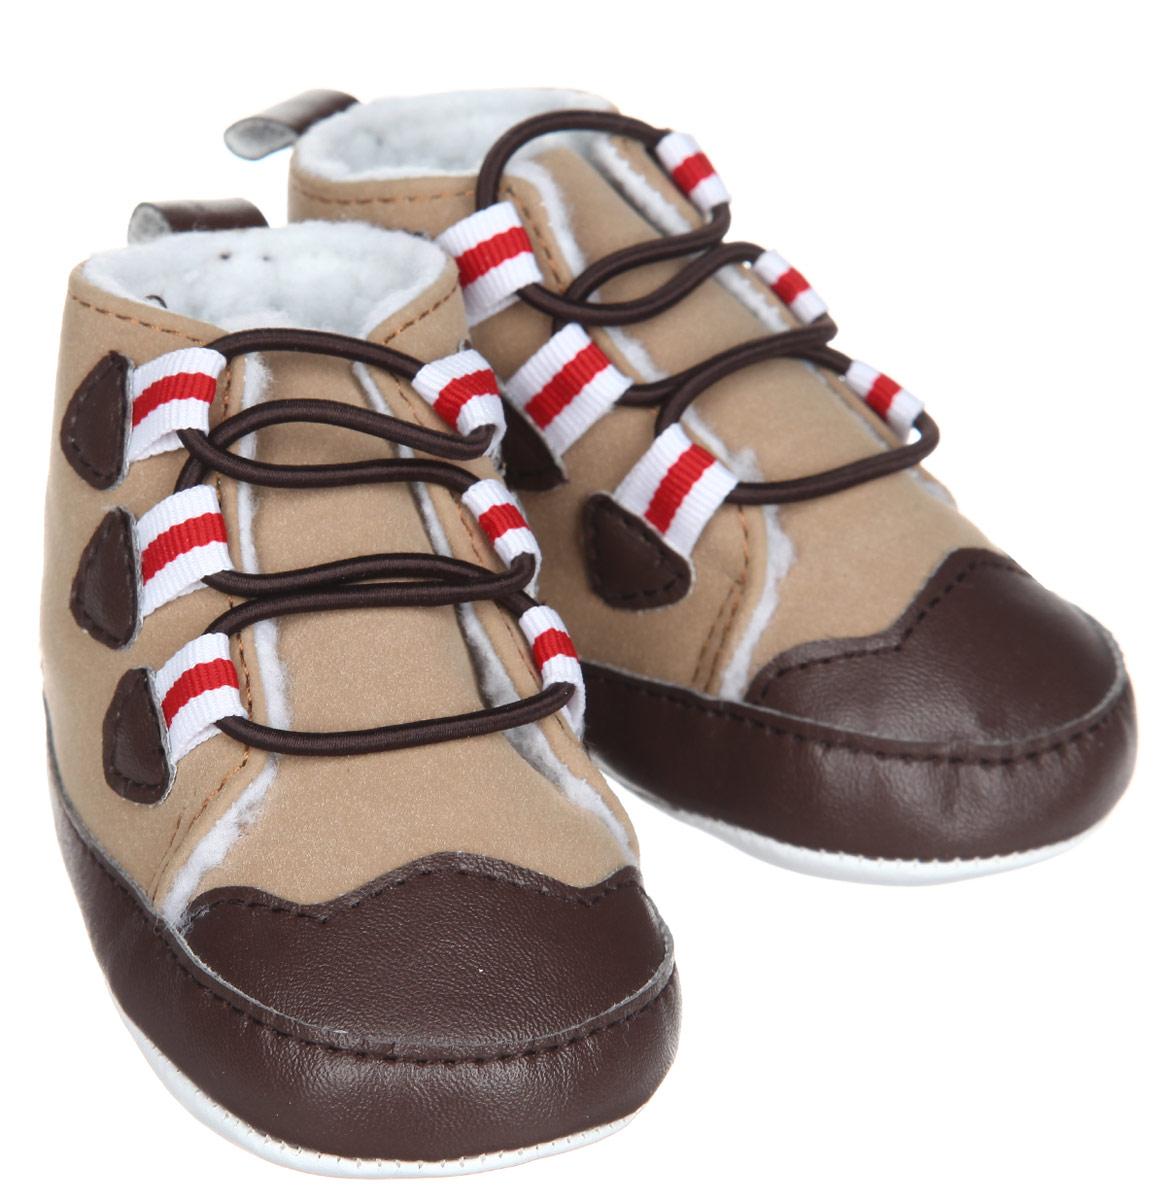 Пинетки для мальчика Luvable Friends Теплые ботинки, цвет: бежевый, коричневый, красный. 11781. Размер 0/6 месяцев11781Стильные пинетки для мальчика Luvable Friends Теплые ботинки отлично подойдут для носки в прохладную погоду. Изделие выполнено из искусственной замши. В качестве подкладки используется искусственная шерсть - шерпа, которая сохранит ножки ребенка в тепле.Модель дополнена эластичной шнуровкой, надежно фиксирующей пинетки на ножке младенца. На стопе предусмотрен прорезиненный рельефный рисунок, благодаря которому ребенок не будет скользить.Мягкие, не сдавливающие ножку материалы делают модель практичной и популярной. Такие пинетки - отличное решение для малышей и их родителей!